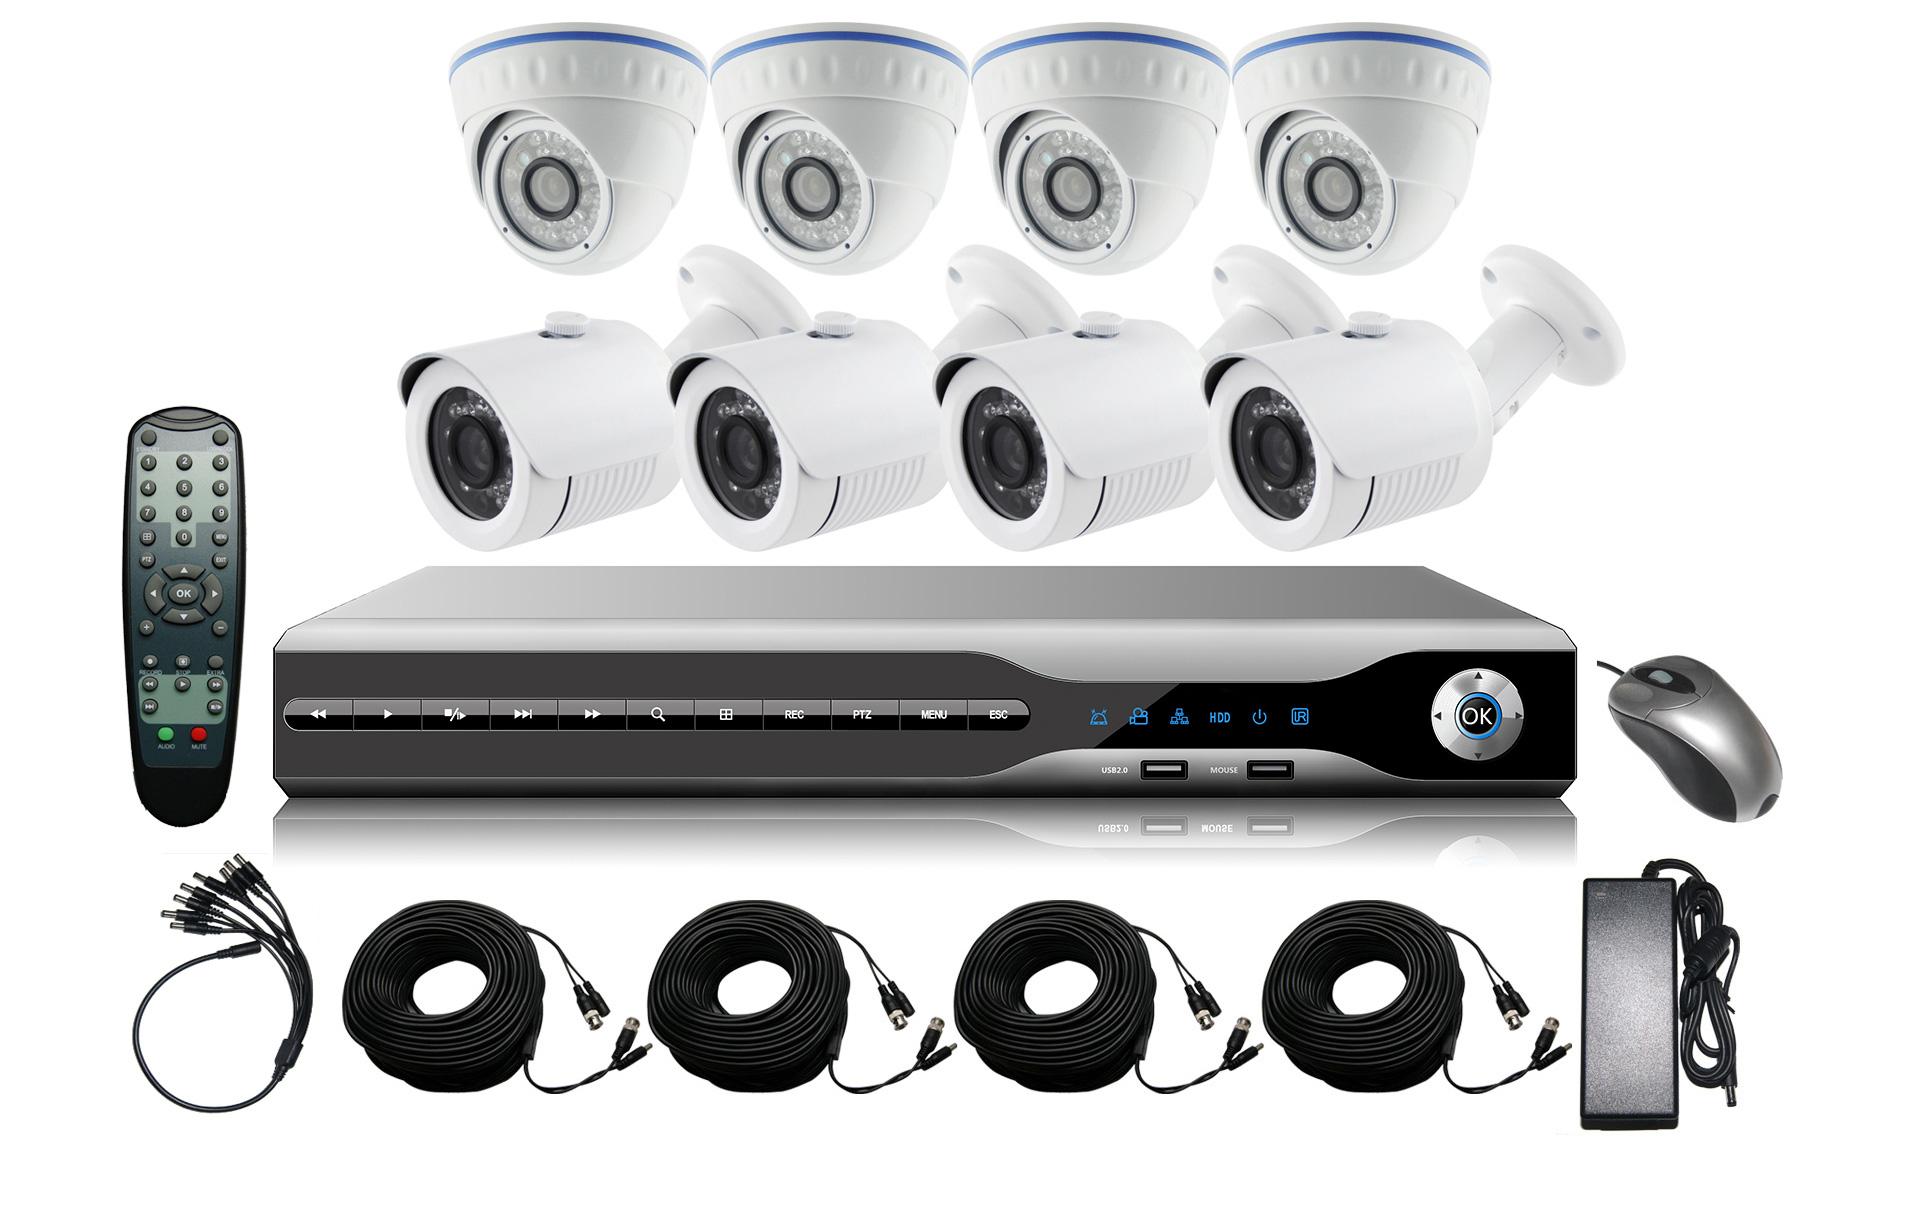 Можно ли устанавливать камеры видеонаблюдения в раздевалках